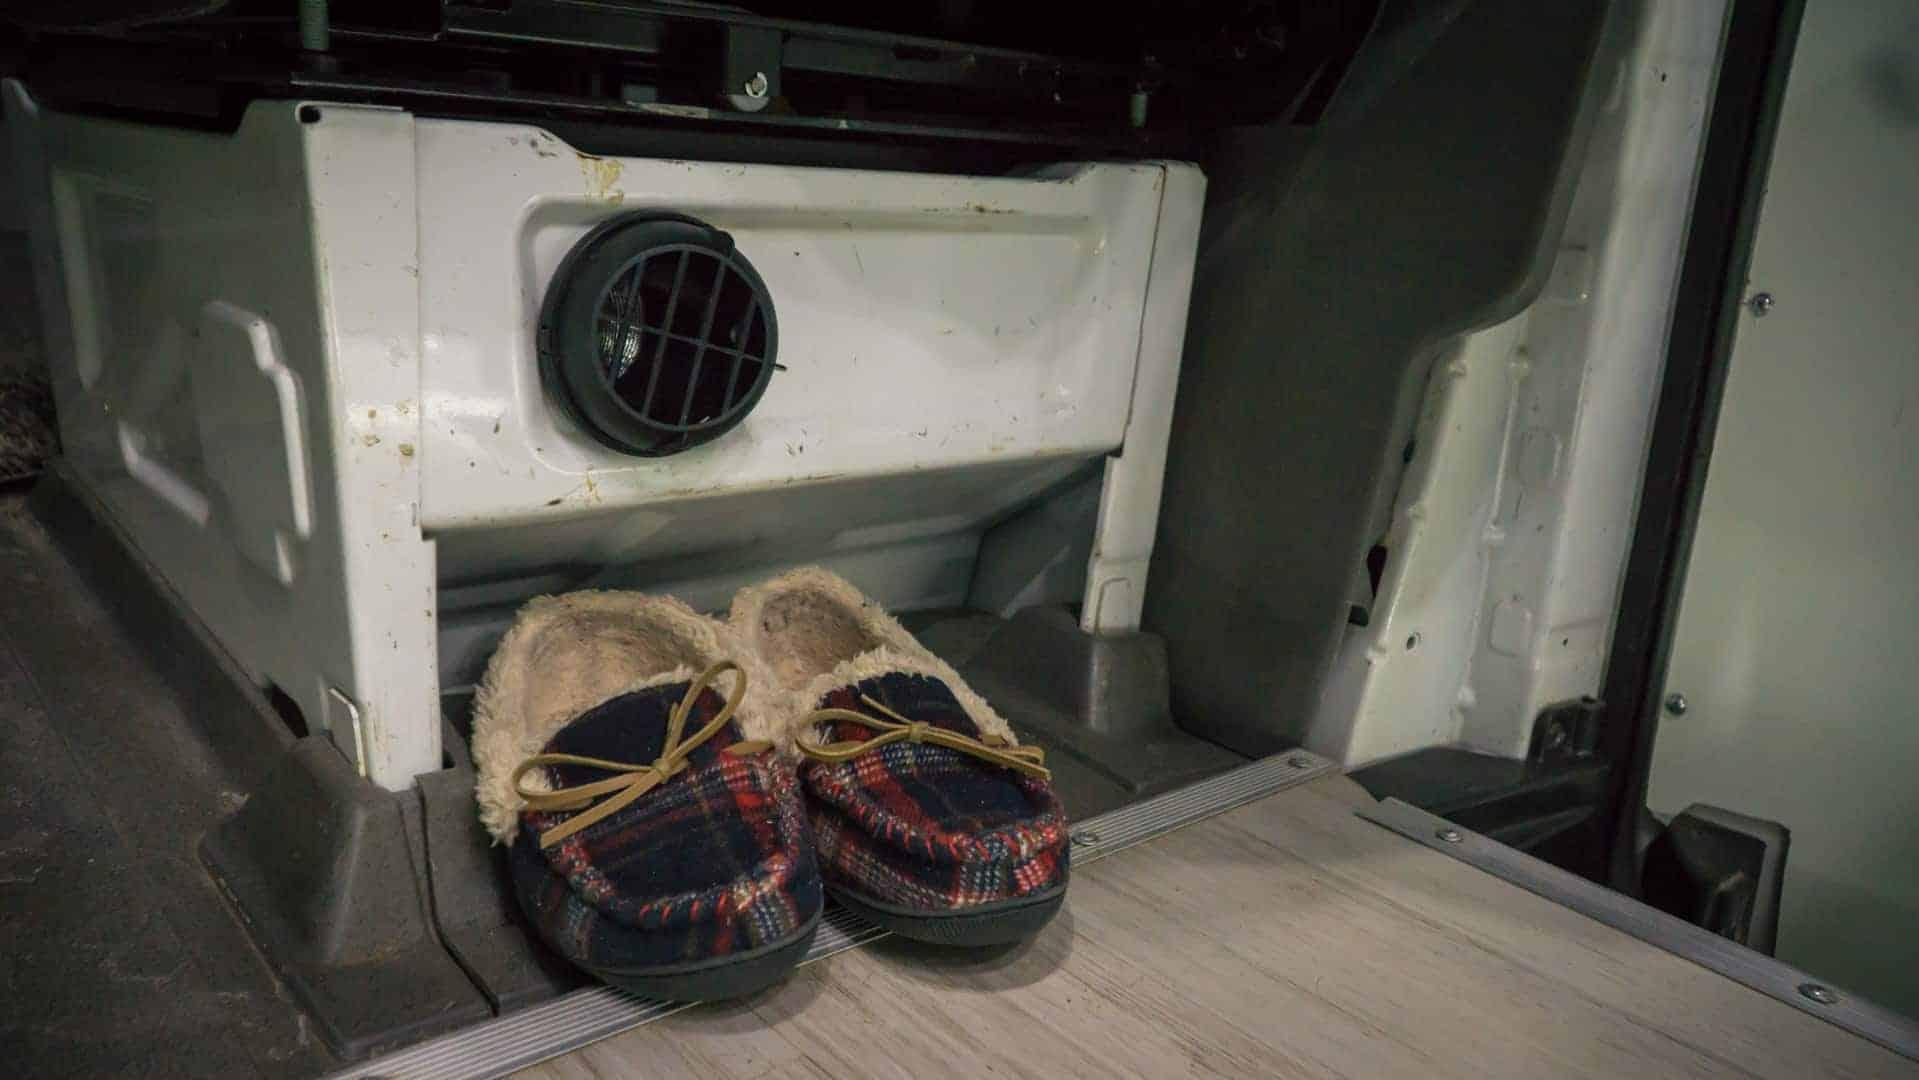 Van Life in Winter 6 - Preparing for Van Life in the Winter